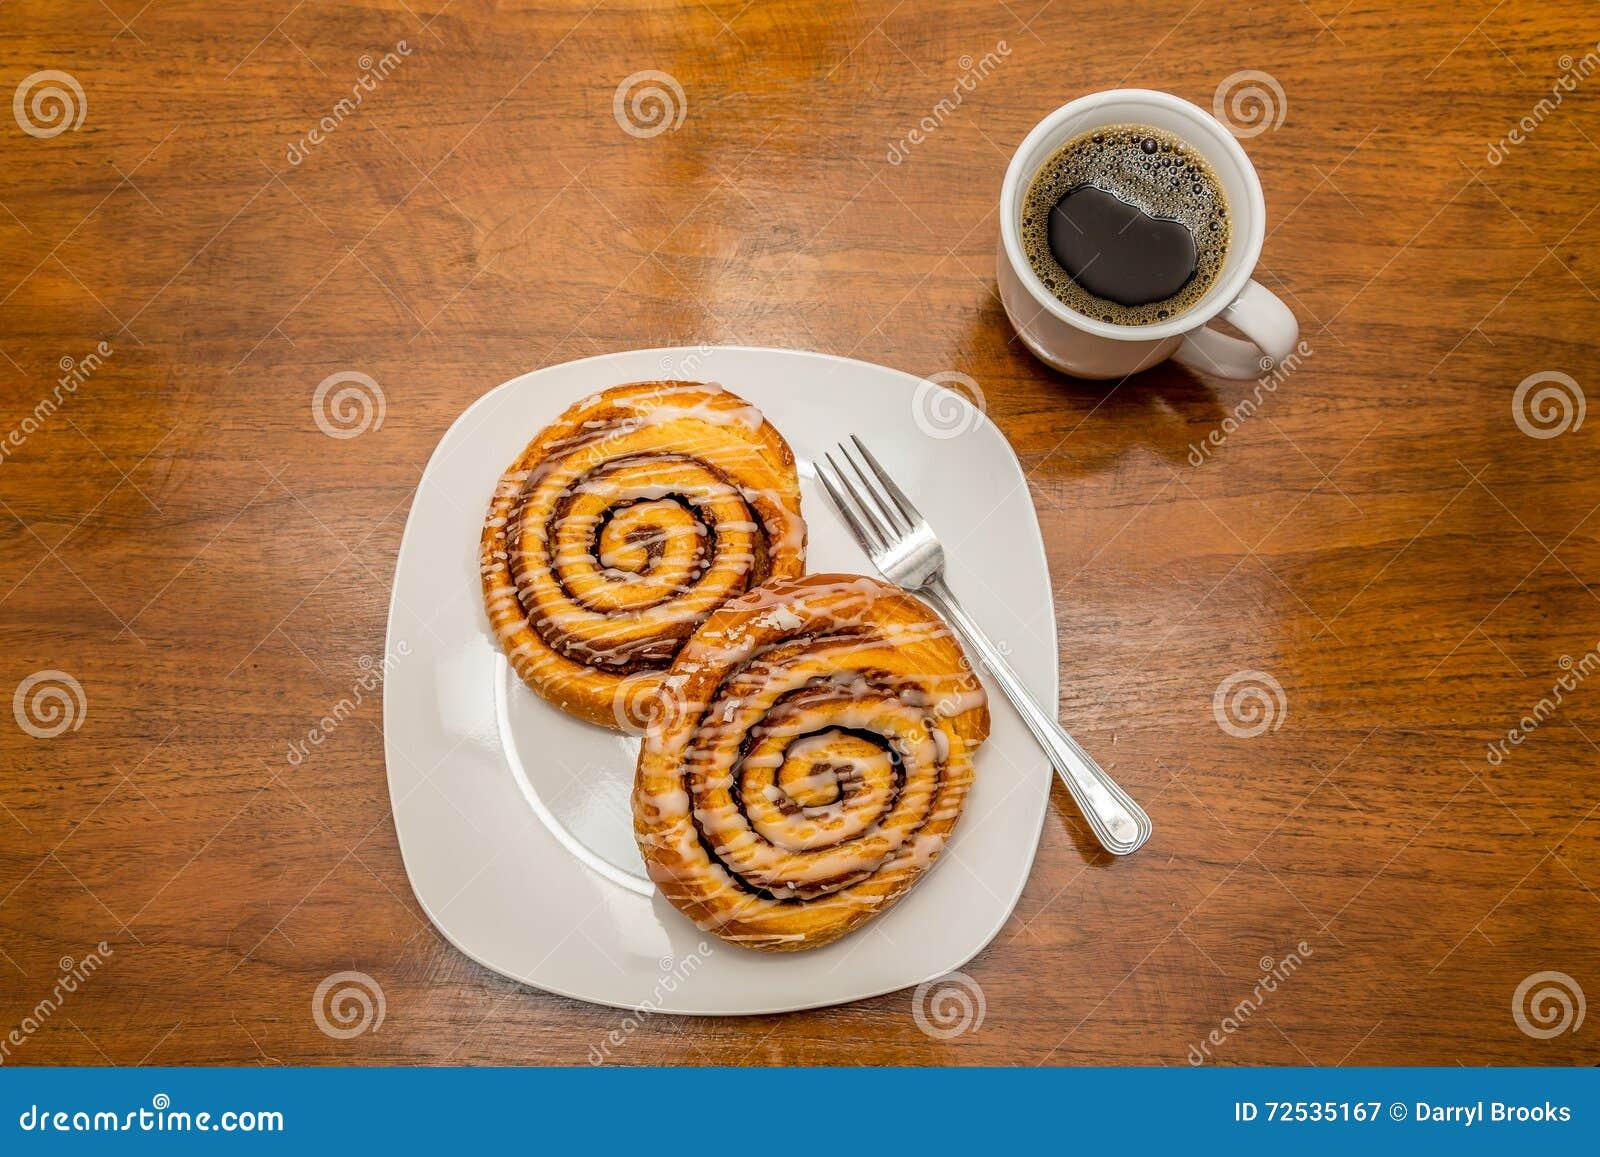 quiktrip cinnamon roll cappuccino